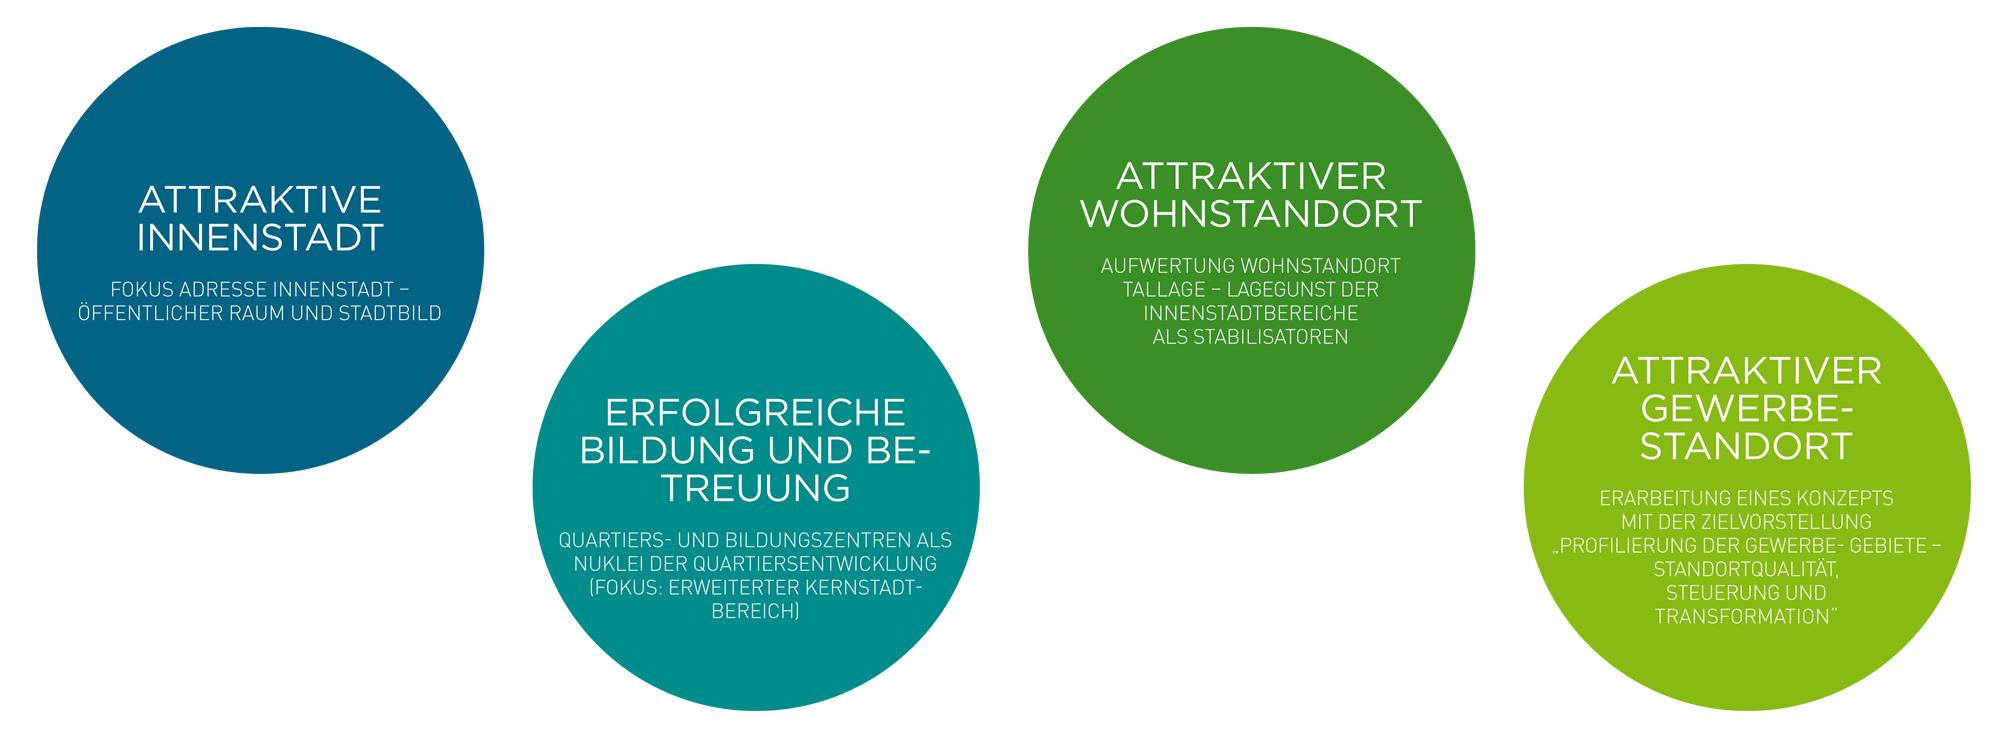 ppas_Pforzheim_Leitbild_Stadtentwicklung_Stadtentwicklungsperspektive_Ziele